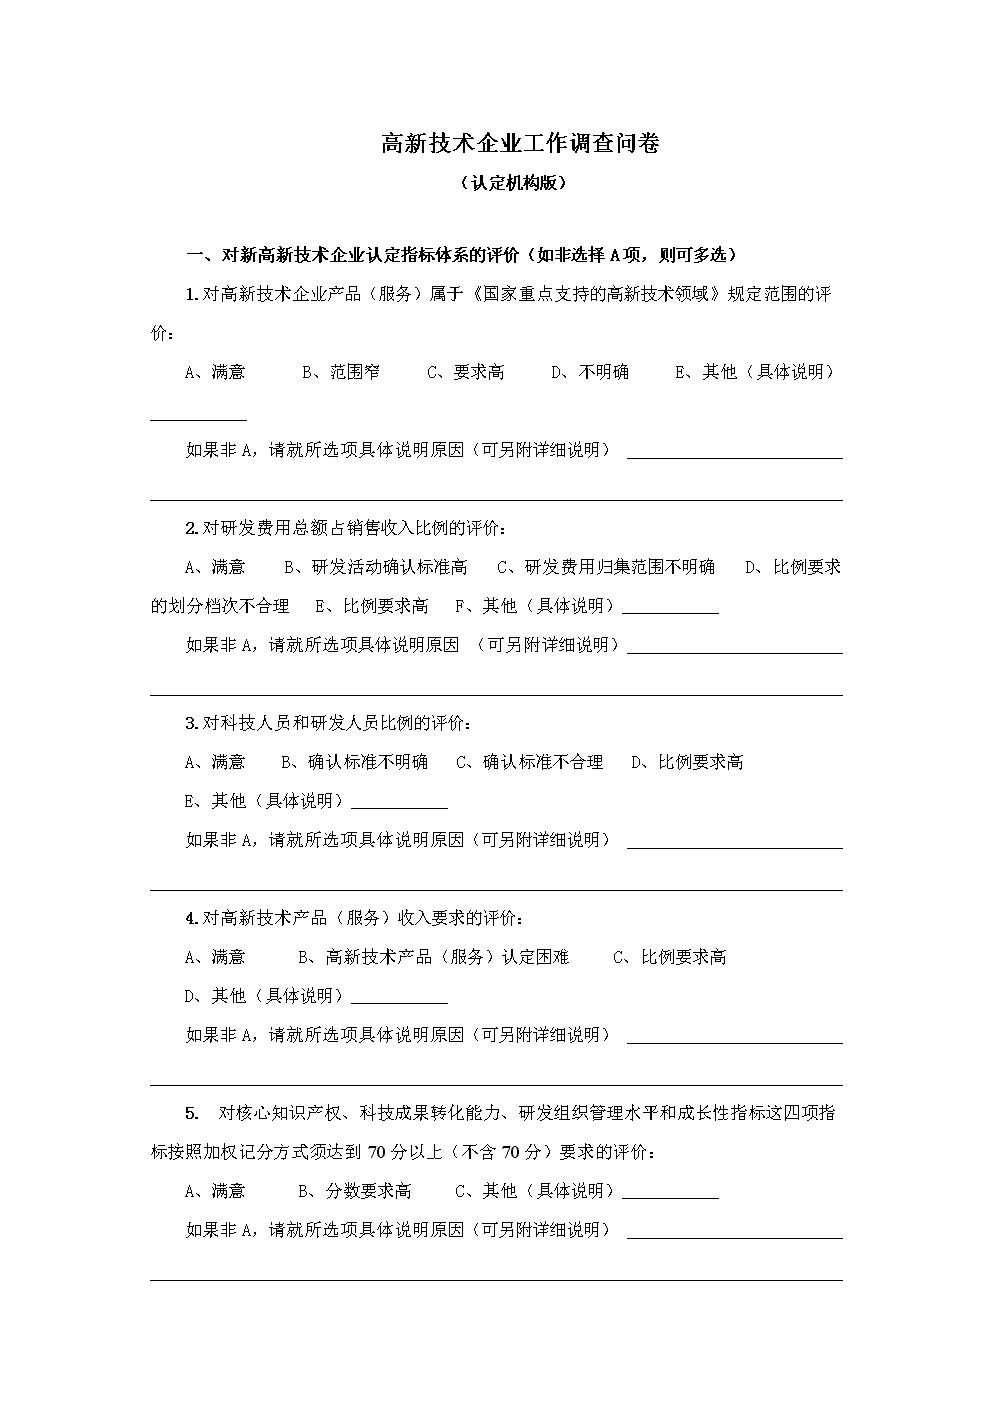 高新技术企业工作调查问卷模版.doc